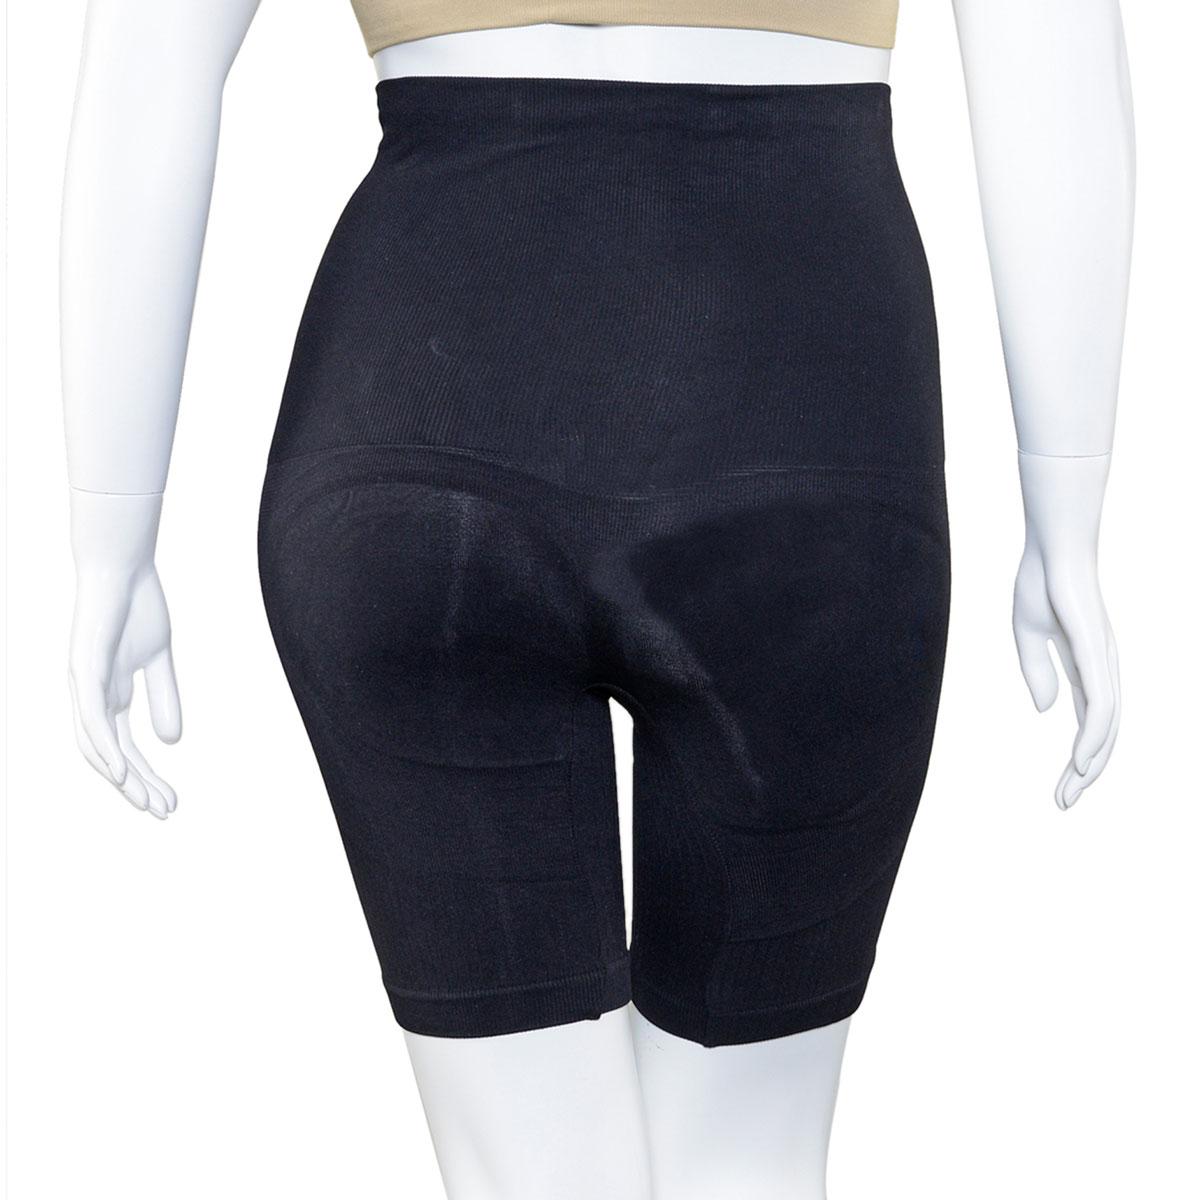 10afc744f3 SANKOM Black Slimming   Posture Shaper with Aloe Vera Fibers (XXL ...